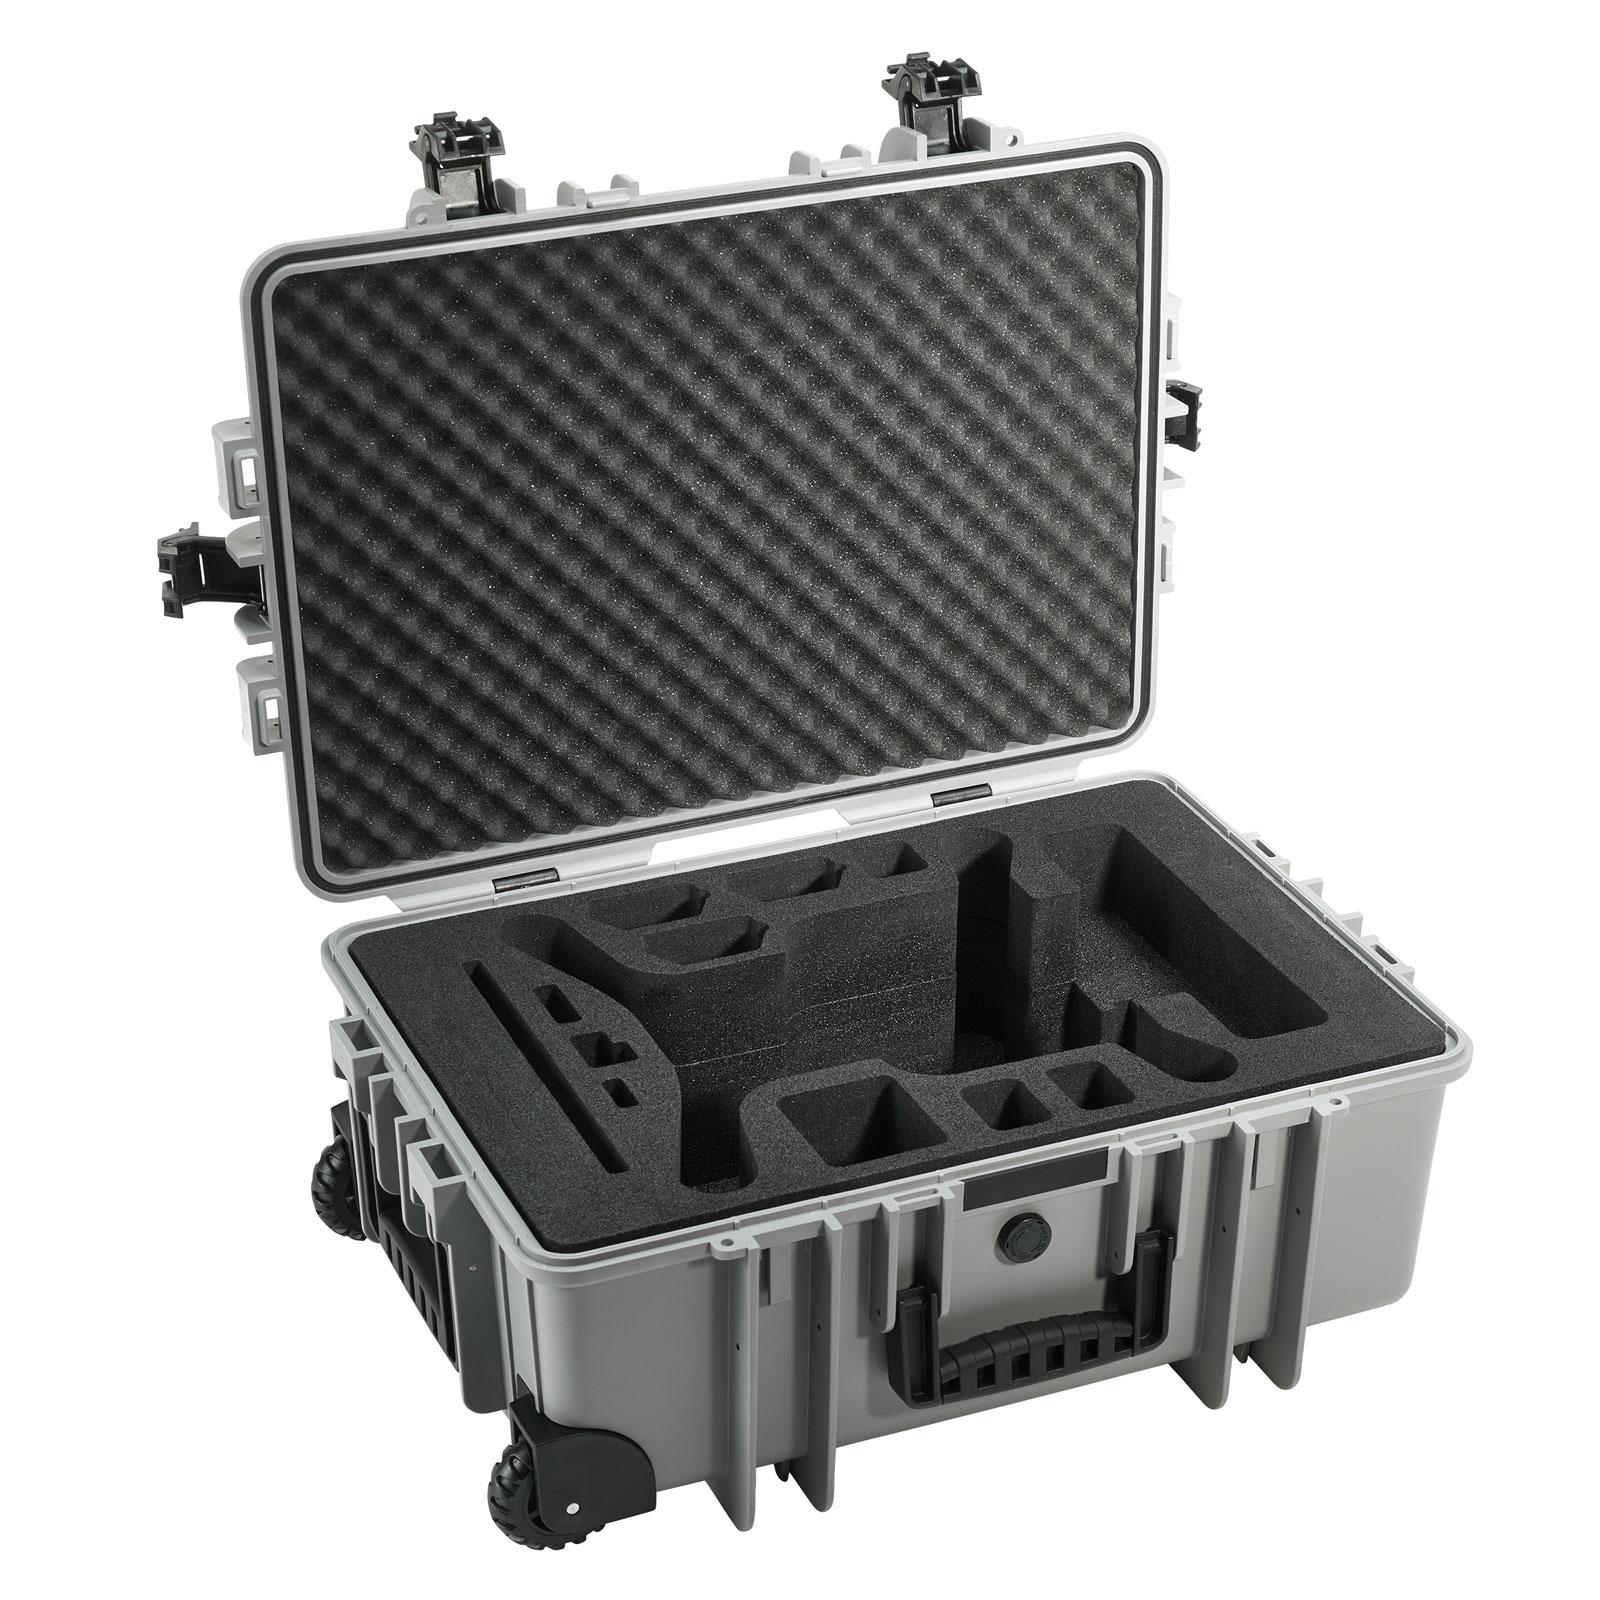 B&W International B&W Copter Case Typ 6700 für 3DR Solo Quadrocopter 2 Rollen 42,8 l - Grau 6700/G/3DR